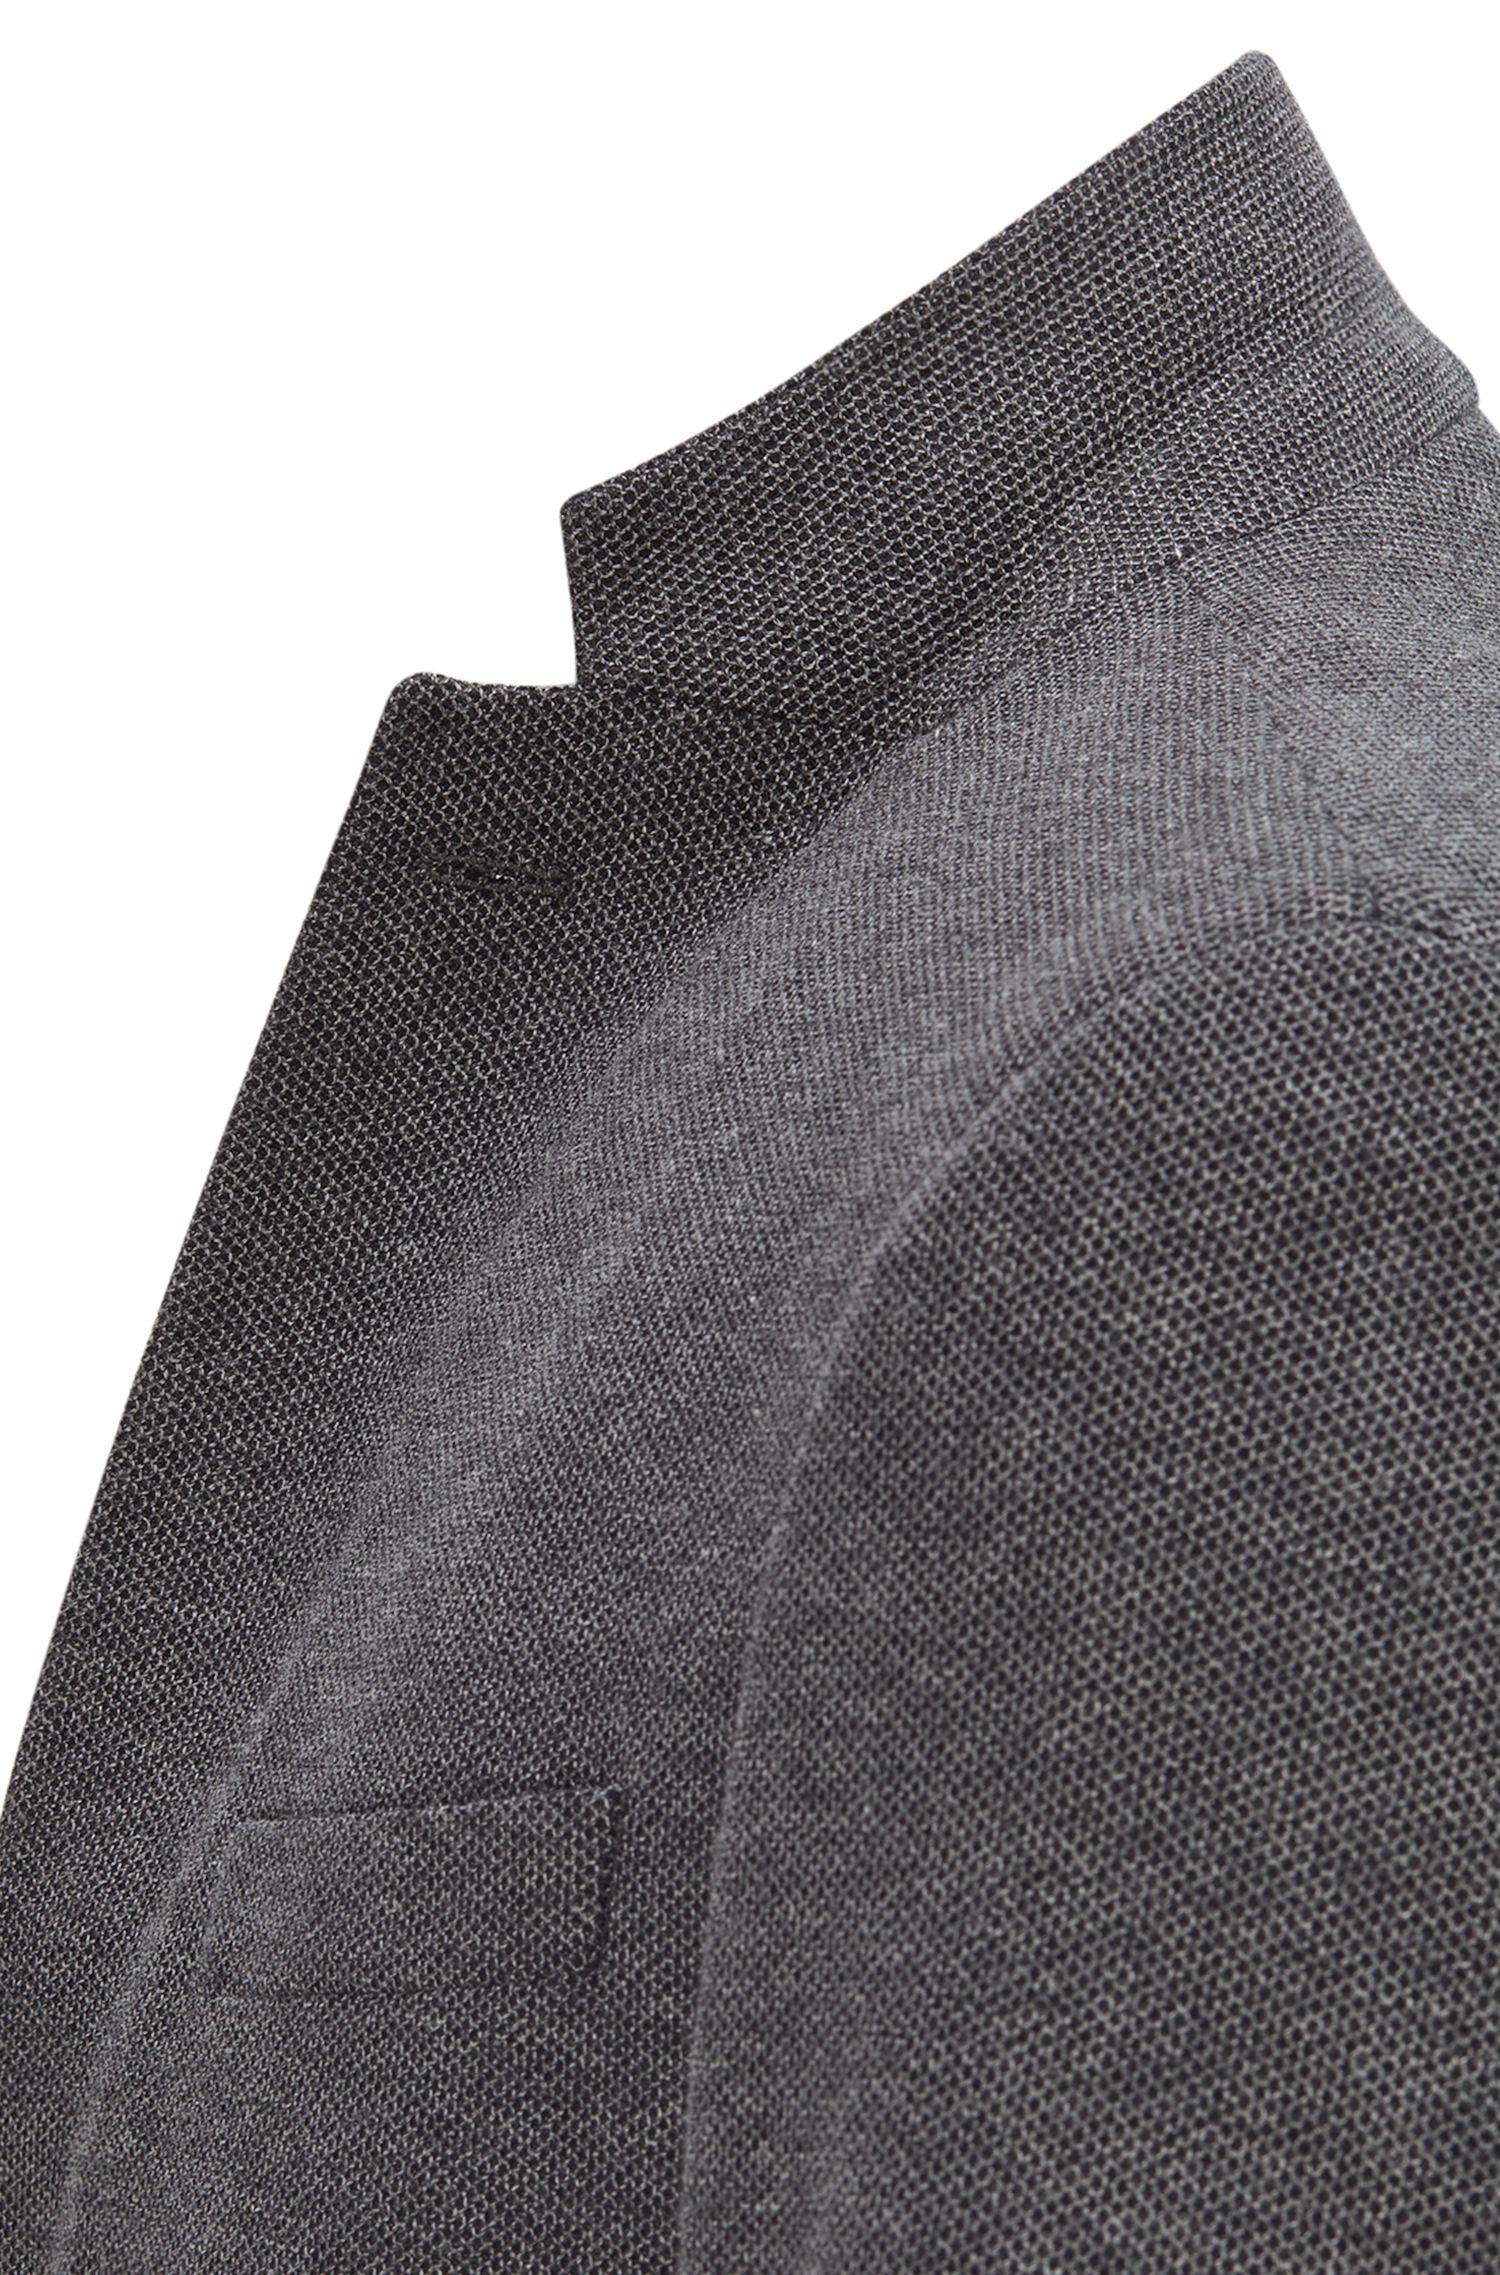 Slim-Fit Sakko aus strukturierter Baumwolle, Dunkelgrau